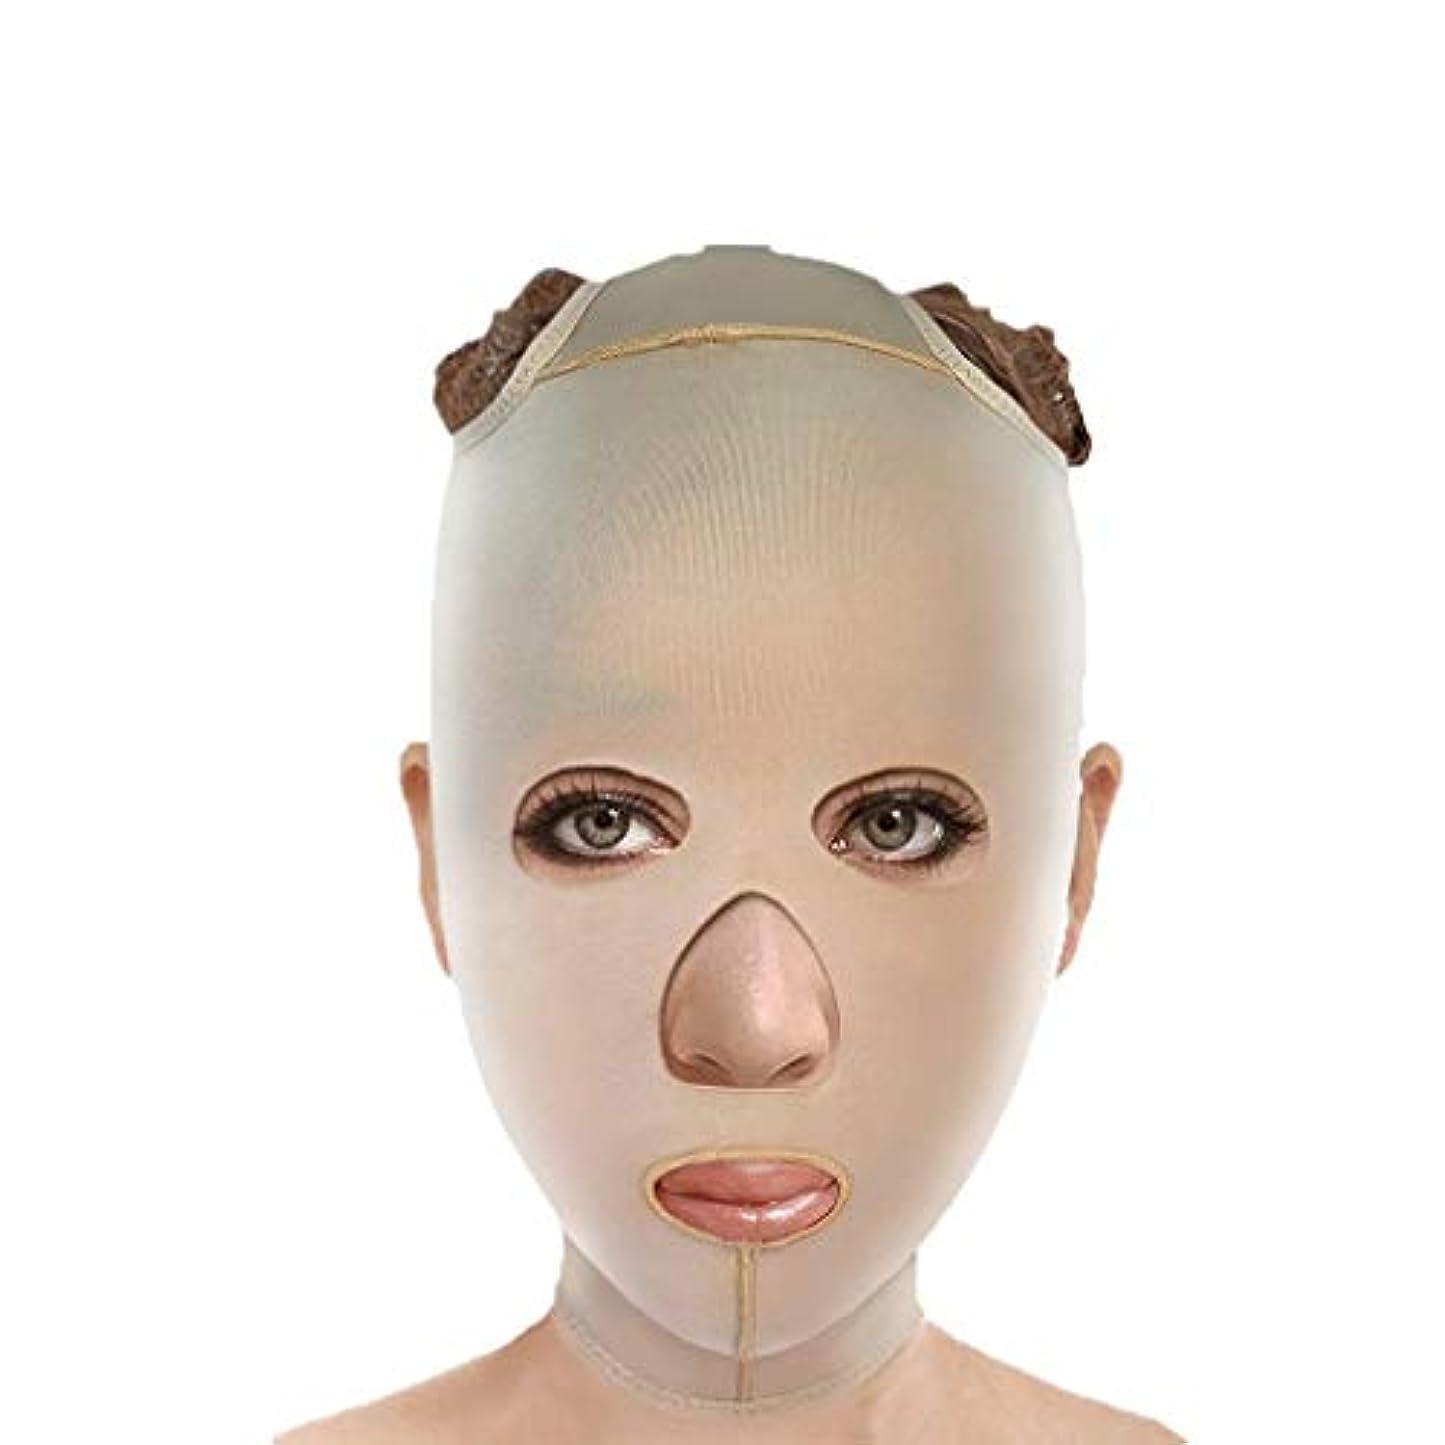 チンストラップ、フェイスリフティング、アンチエイジングフェイシャル包帯、フェイシャル減量マスク、ファーミングマスク、フェイシャルリフティングアーティファクト(サイズ:S),XL